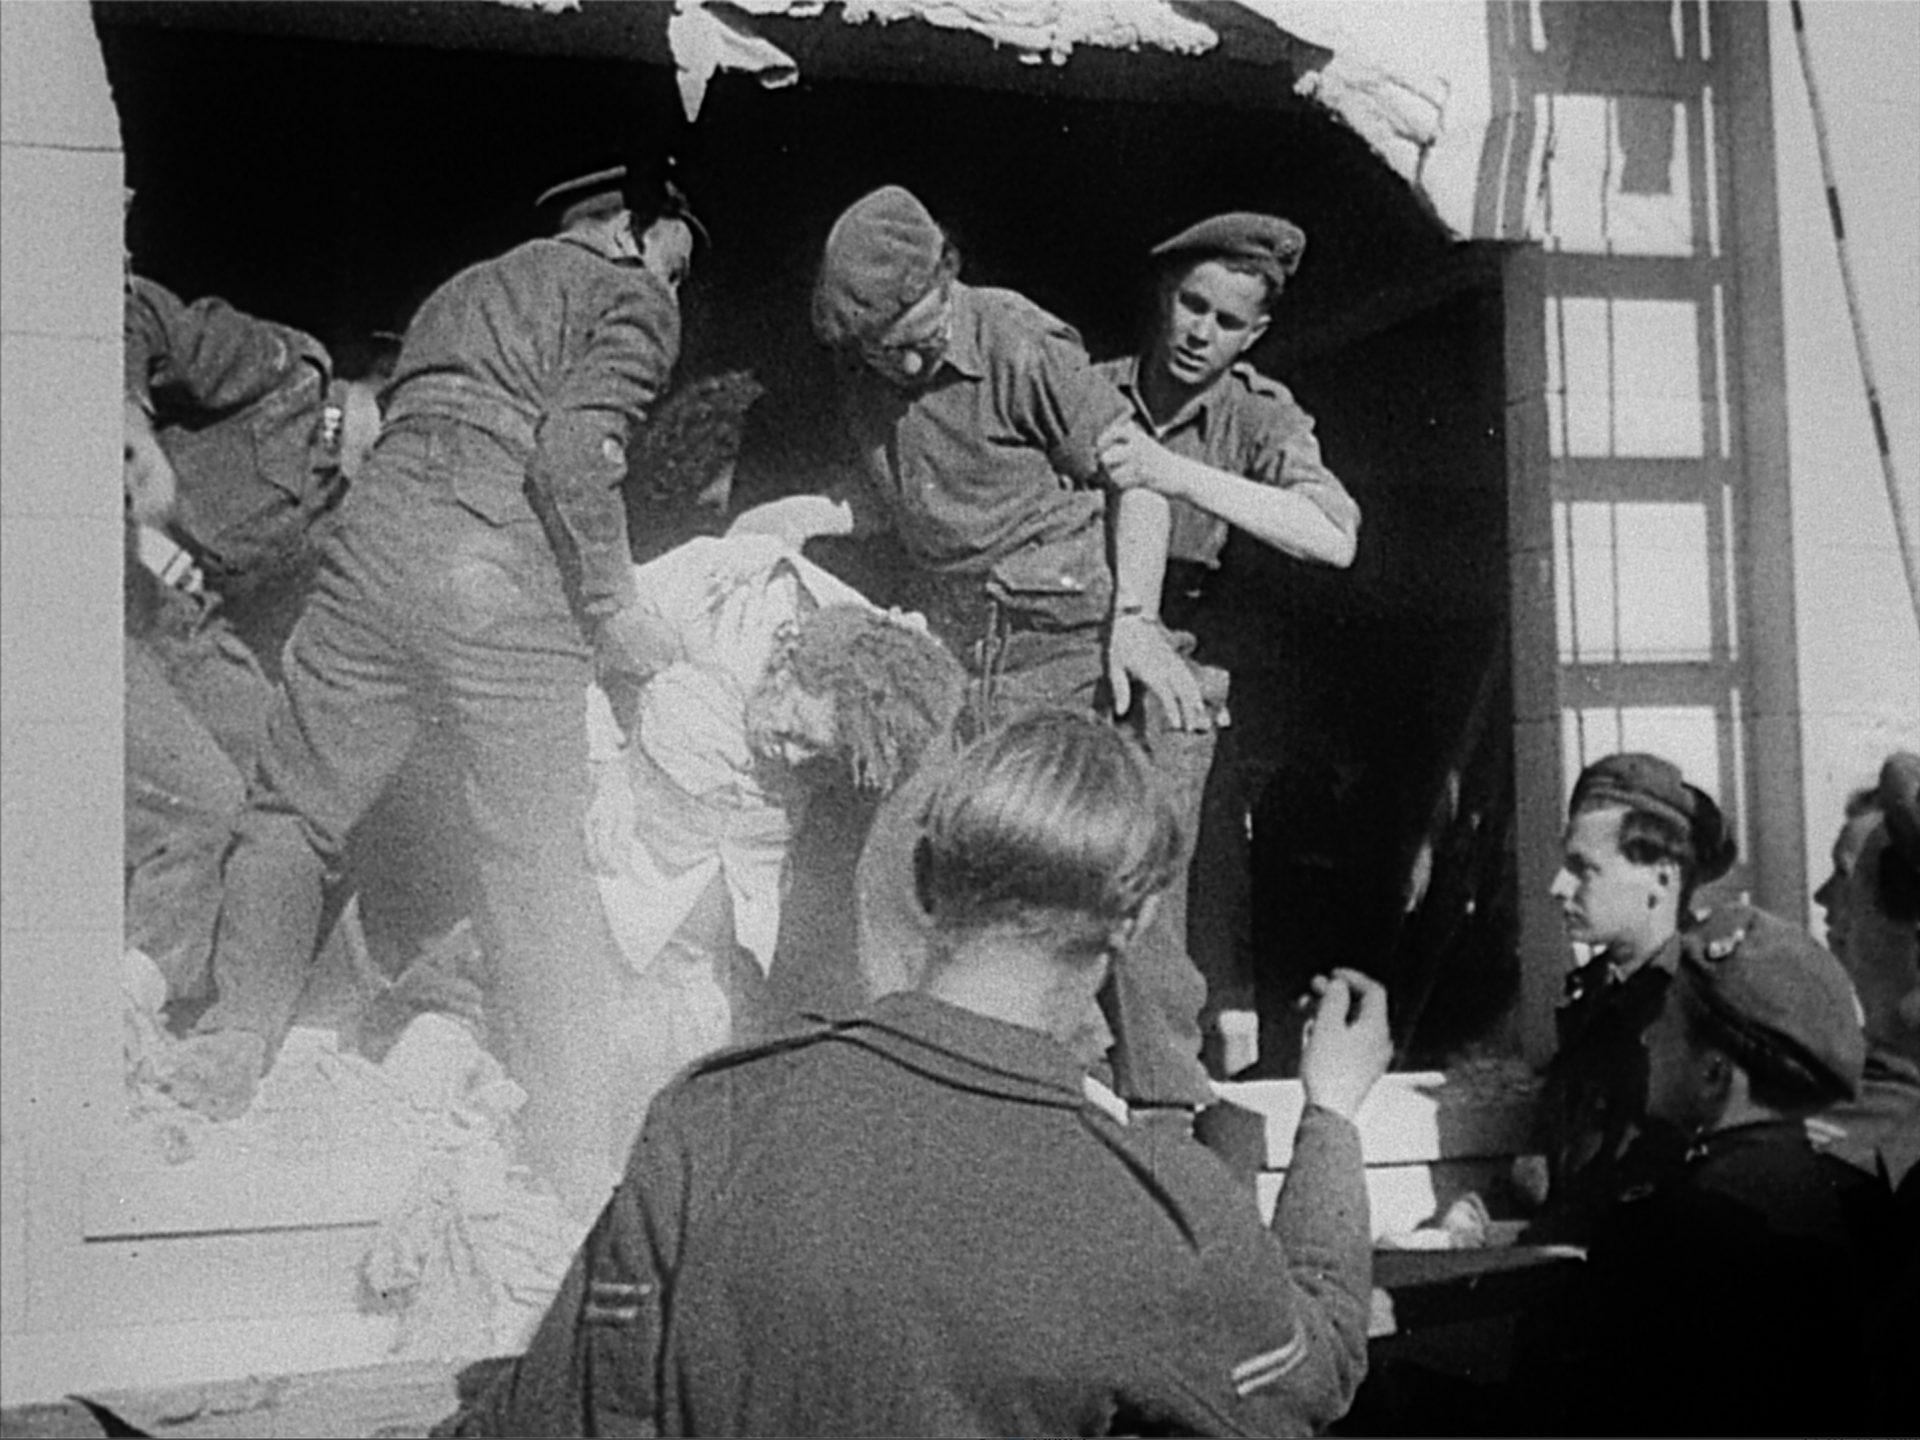 Bombenanschlag Jerusalem 1947